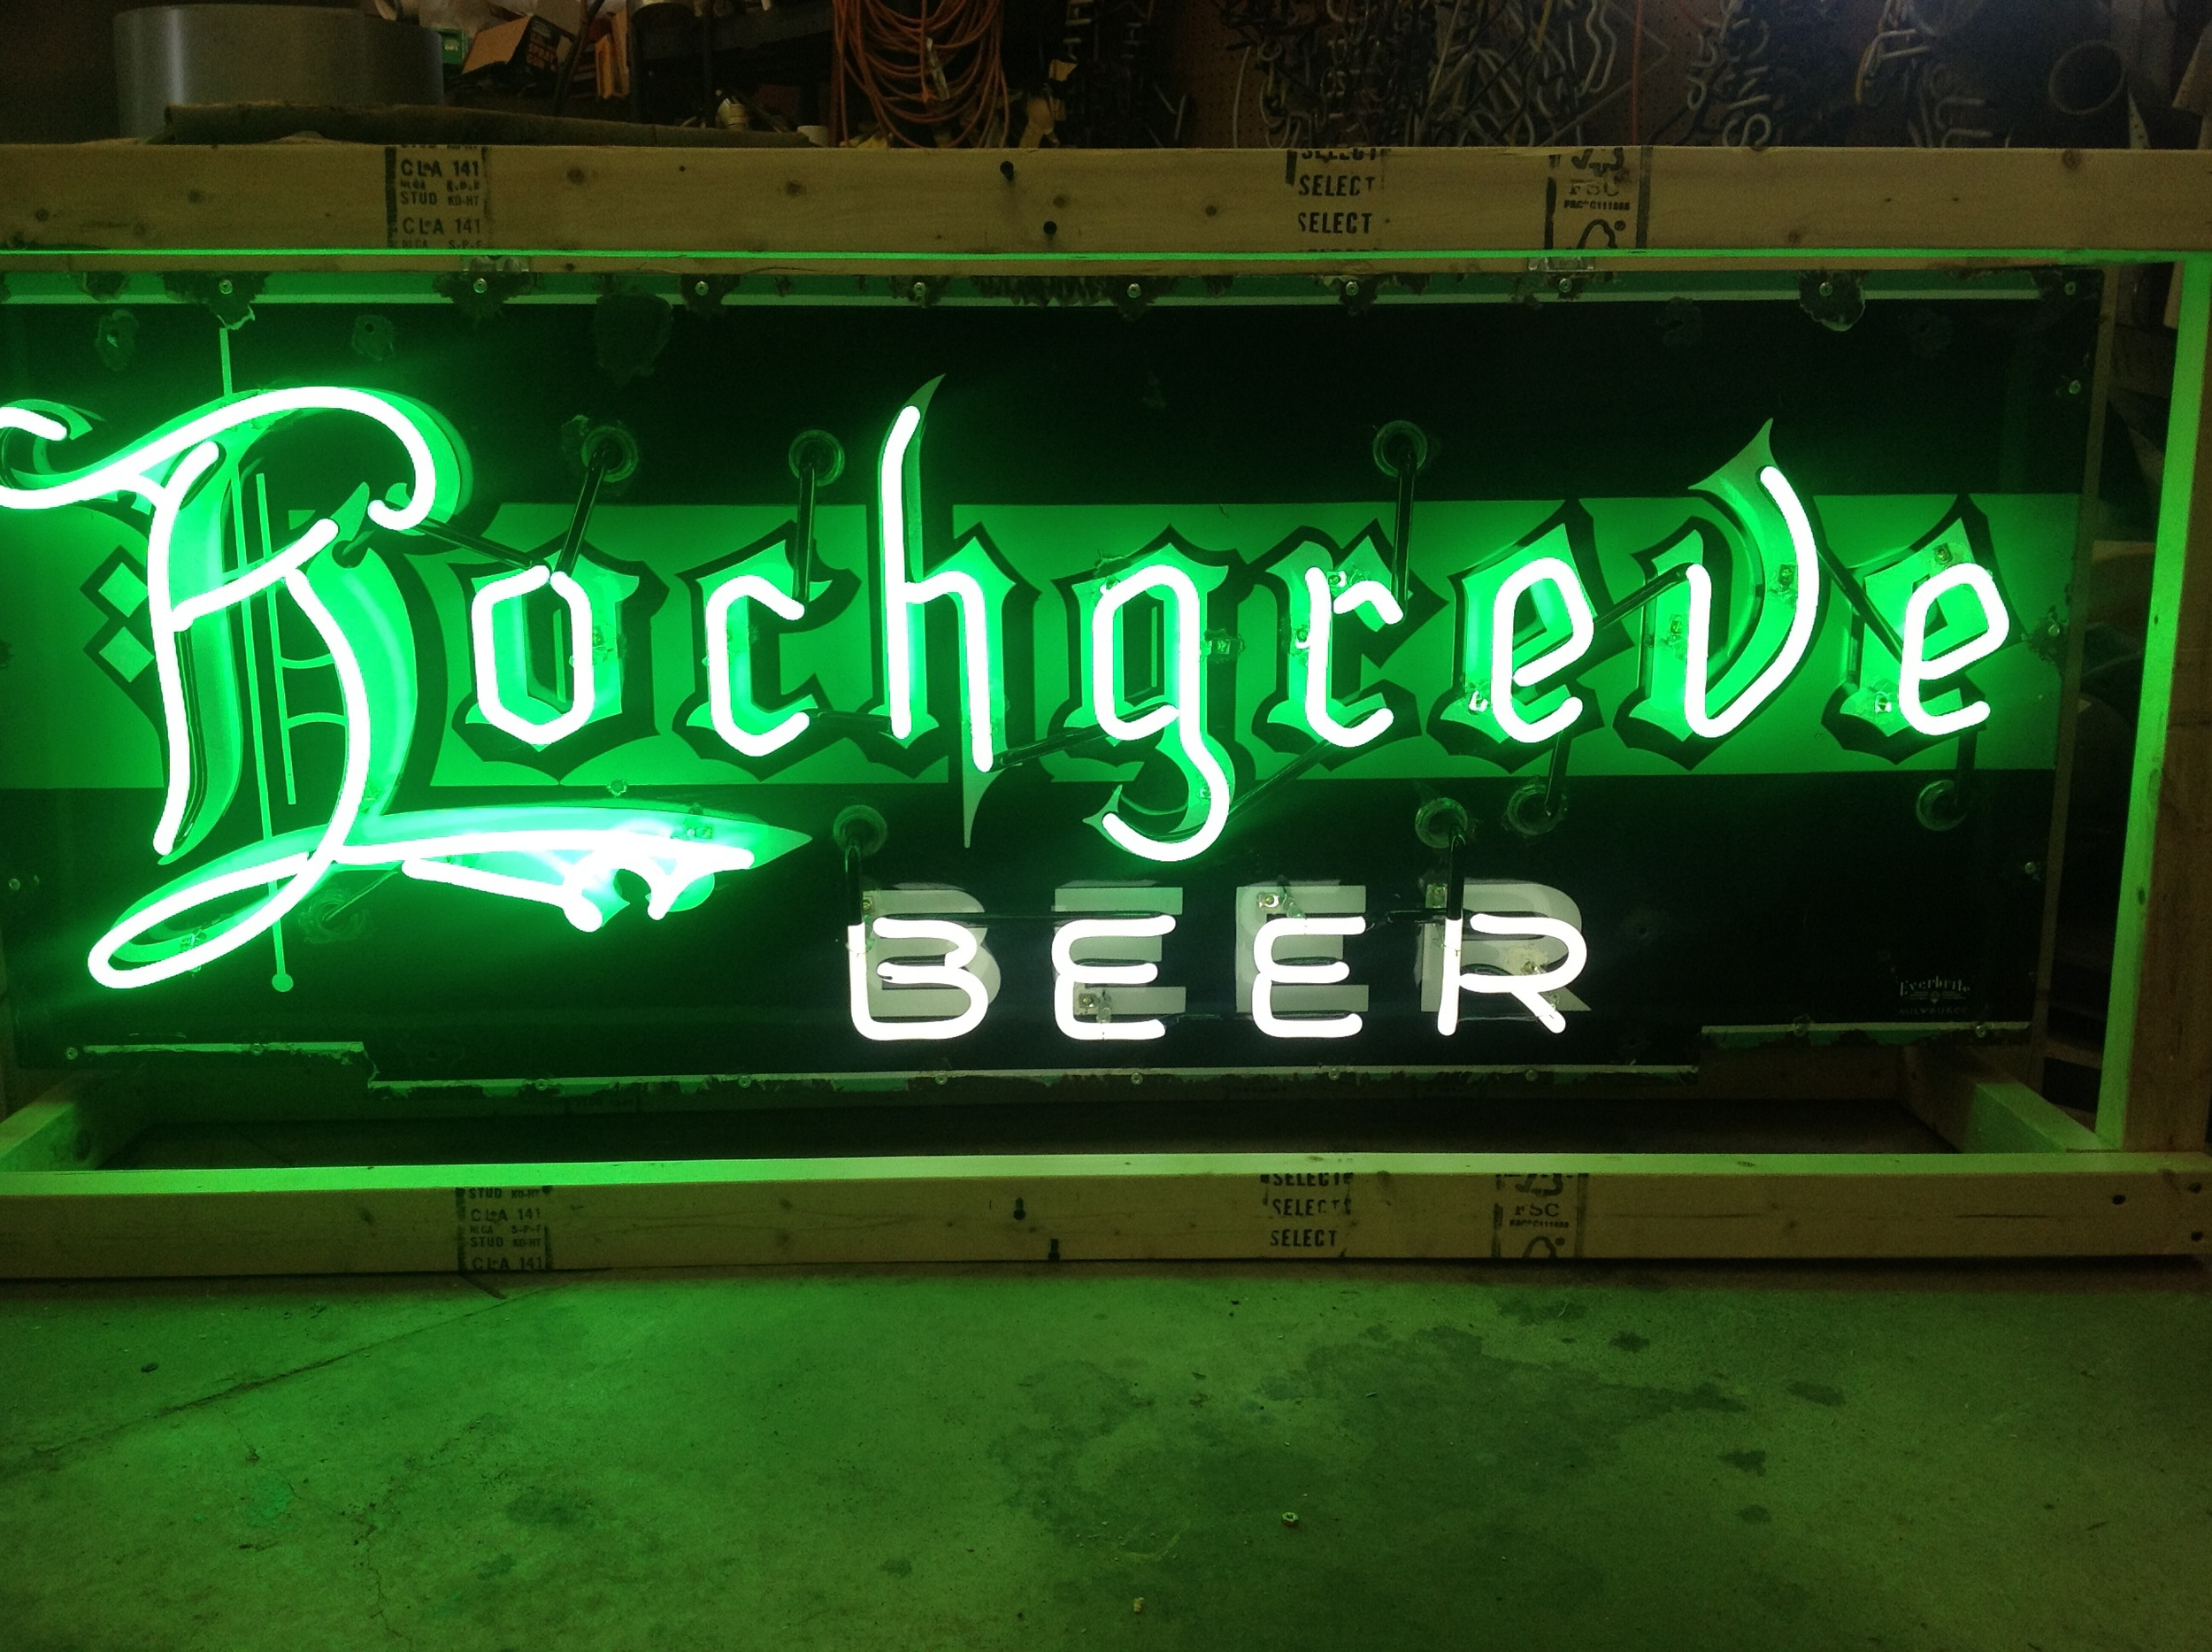 Hochgreve Beer - Neon & Porcelain